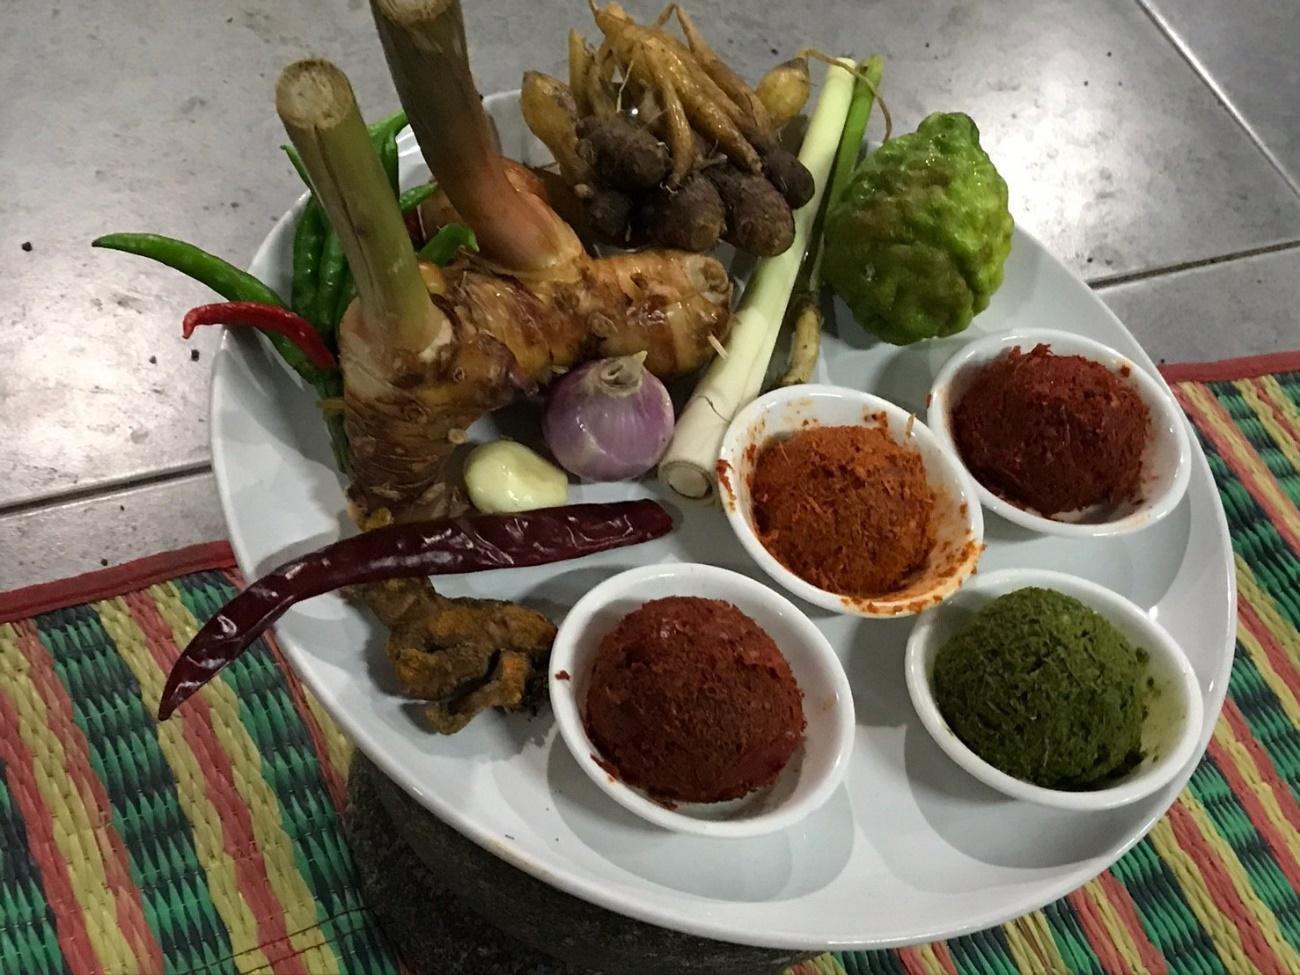 タイ・チェンマイの料理教室/クッキング体験:カレーのペースト作り